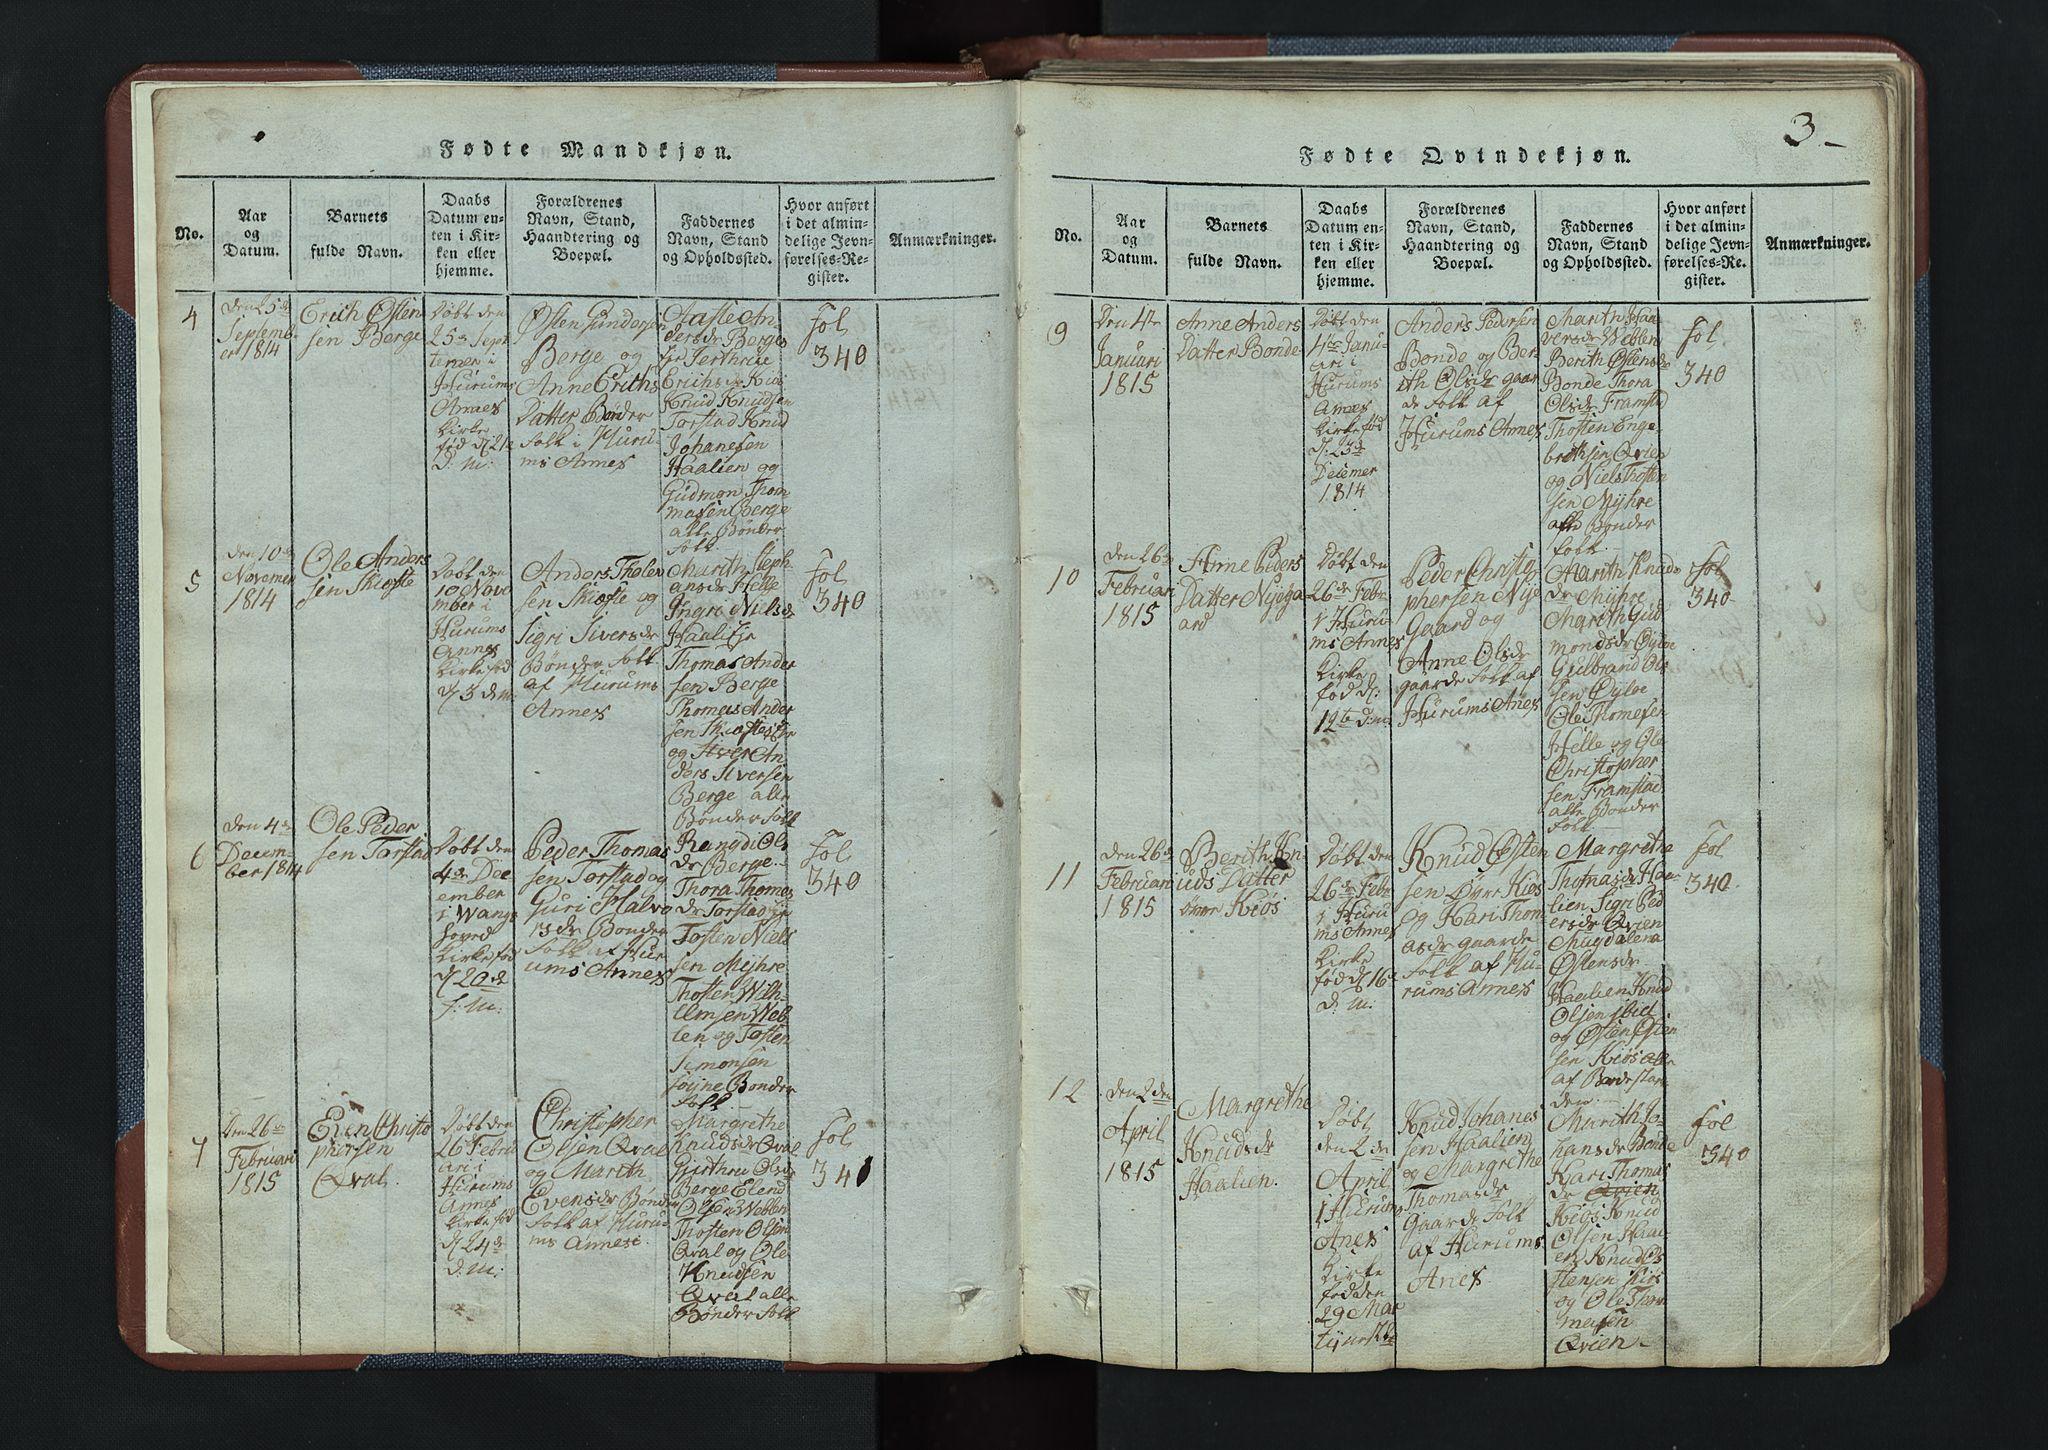 SAH, Vang prestekontor, Valdres, Klokkerbok nr. 3, 1814-1892, s. 3